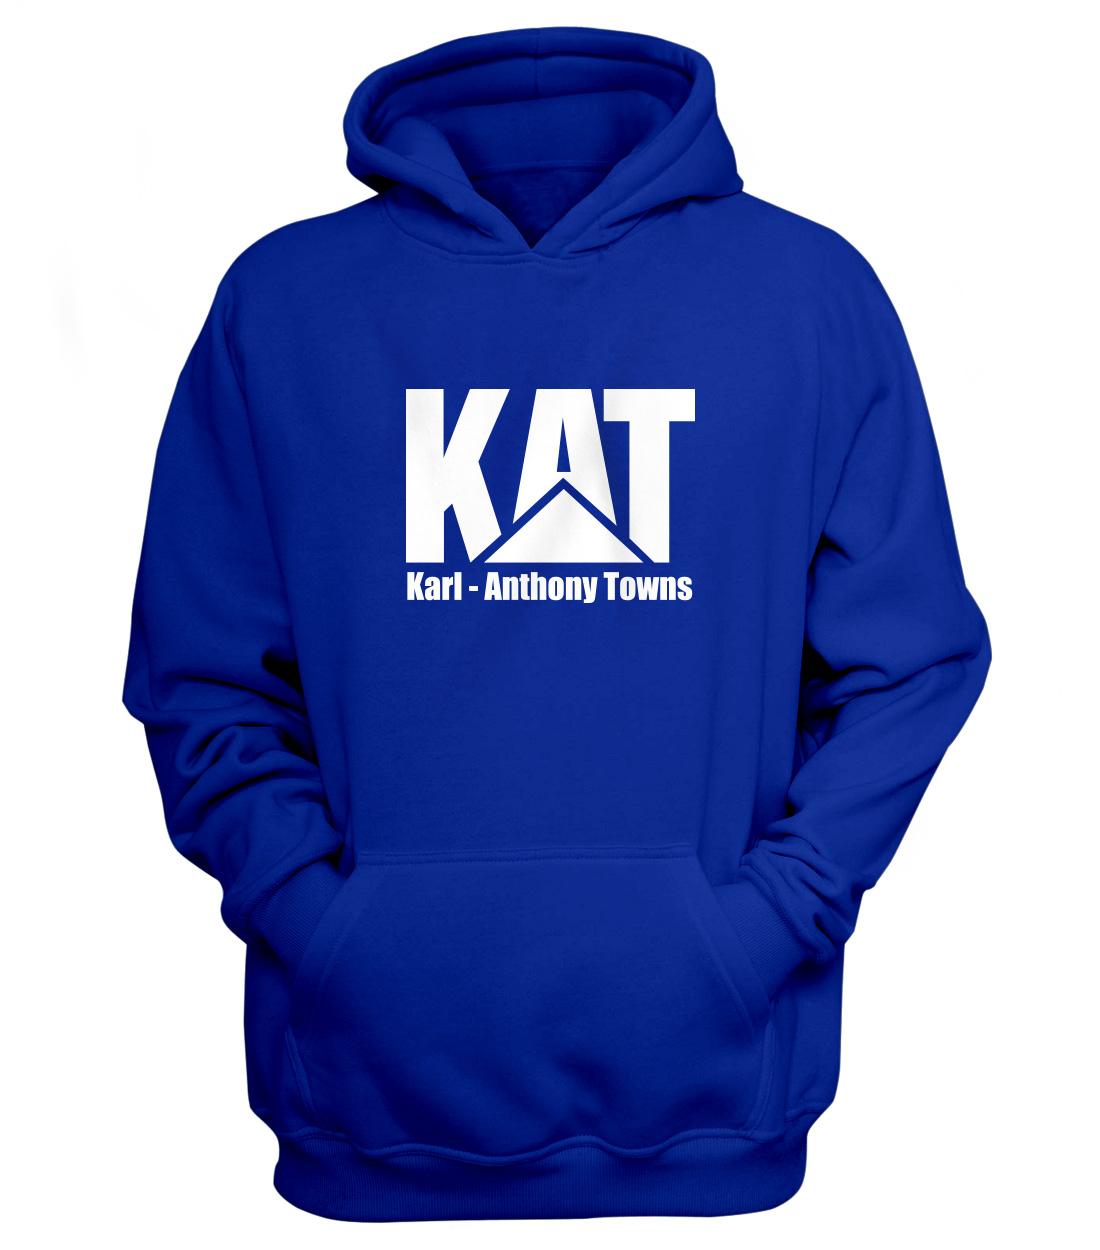 Karl Anthony Towns Hoodie (HD-BLU-NP-kat-logo-616)